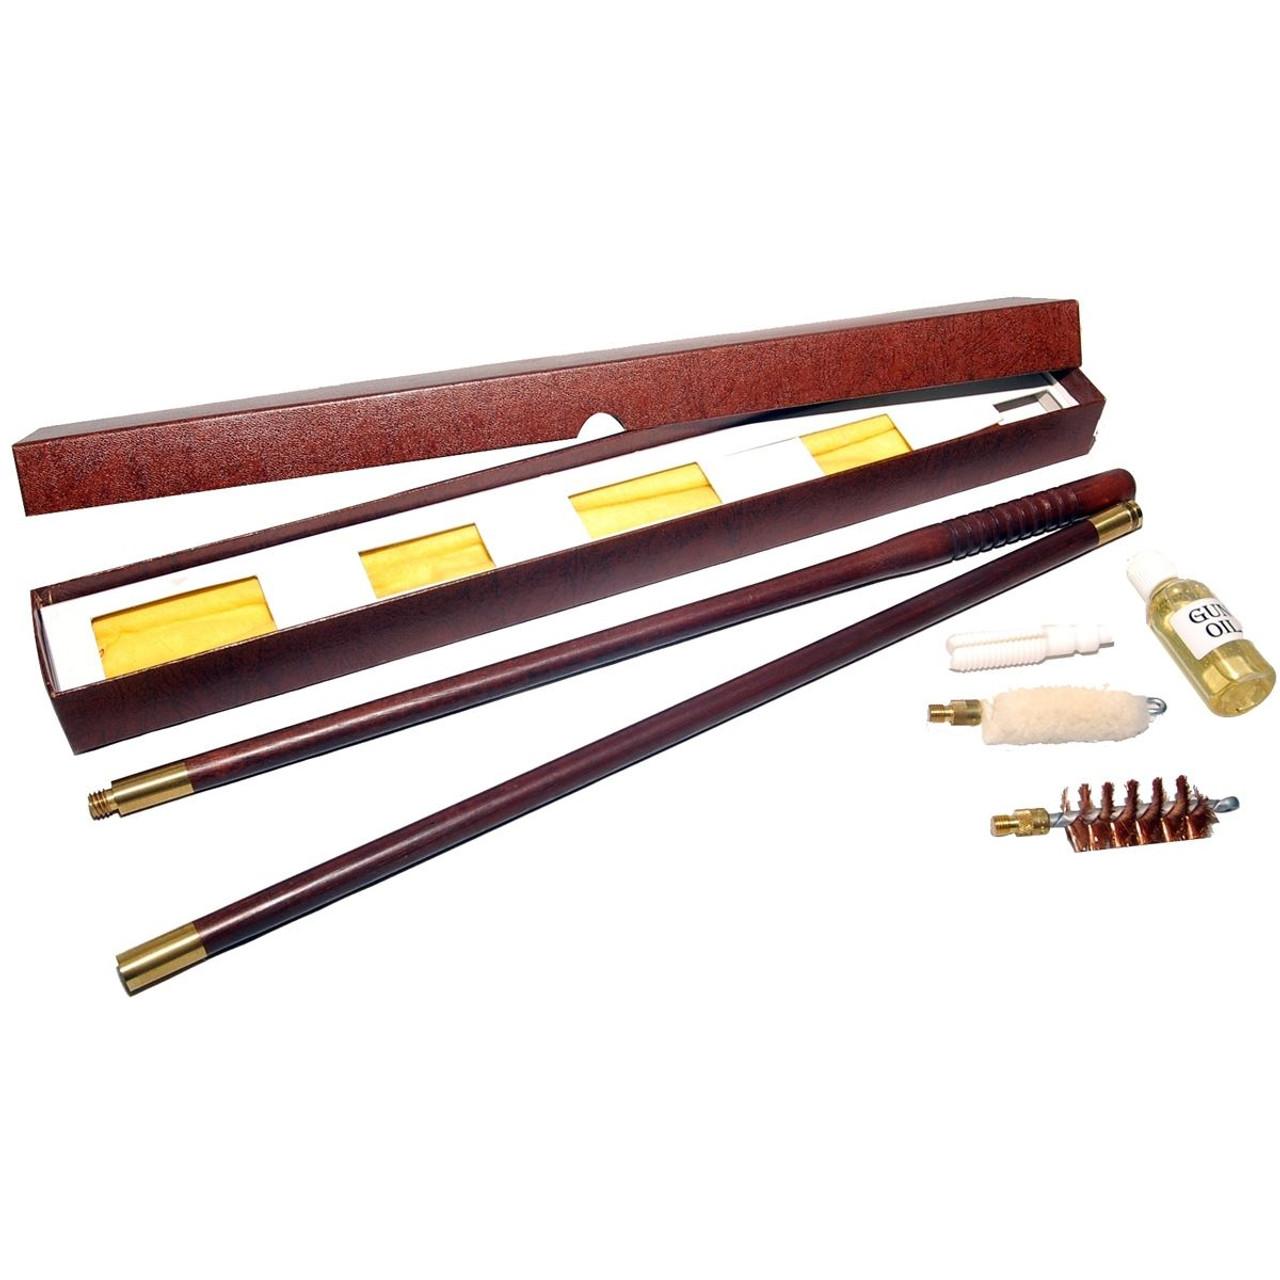 Bisley SO4 Shotgun Cleaning Kit